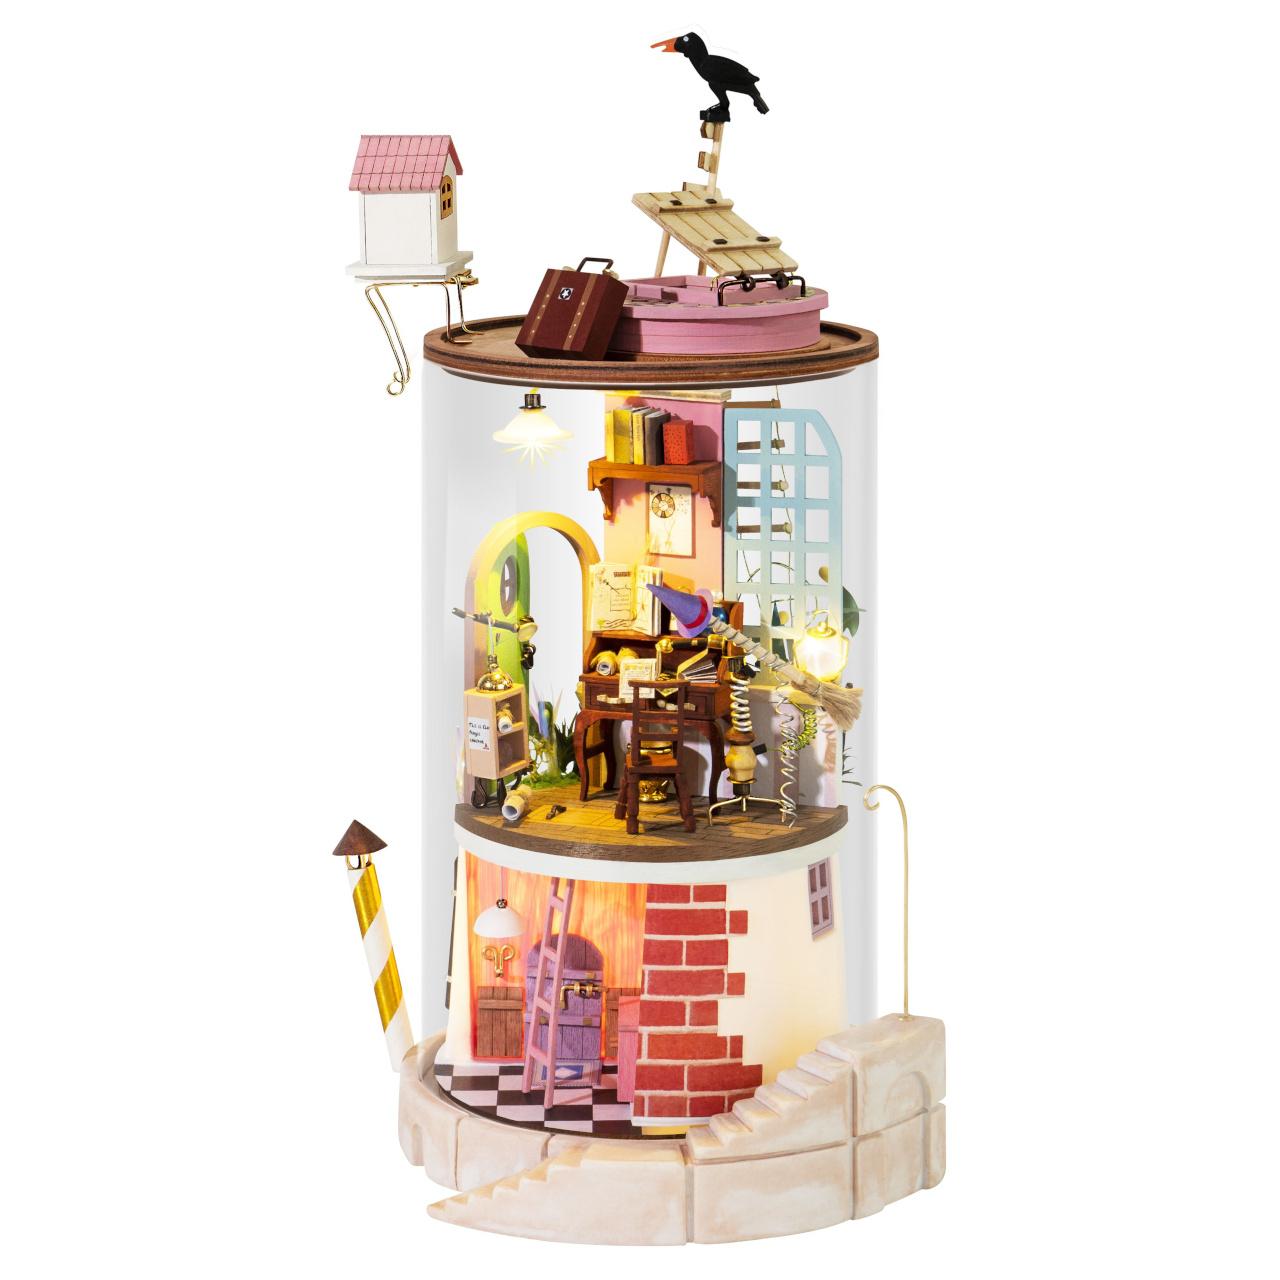 RoboTime miniatura domečku Skleněná podzemní skrýš